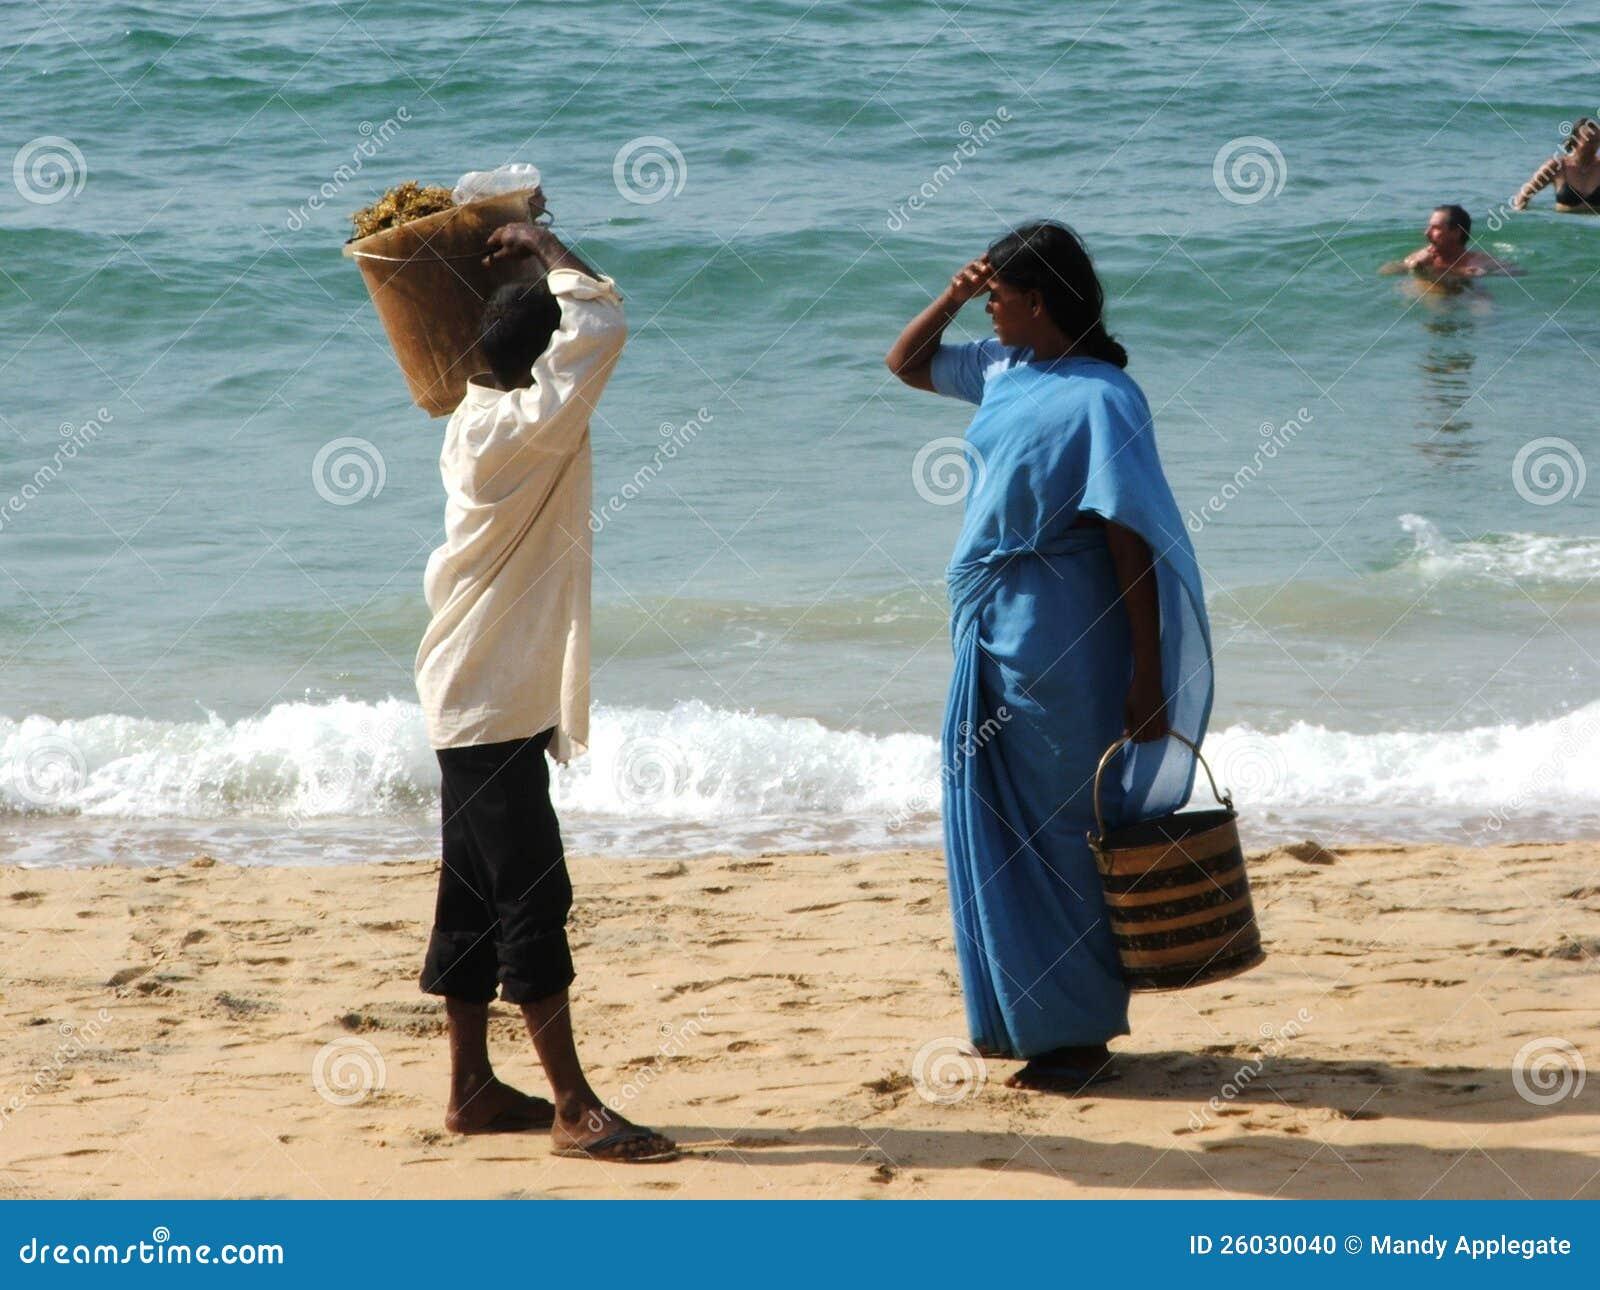 海滩的人们在海啸以后2004年